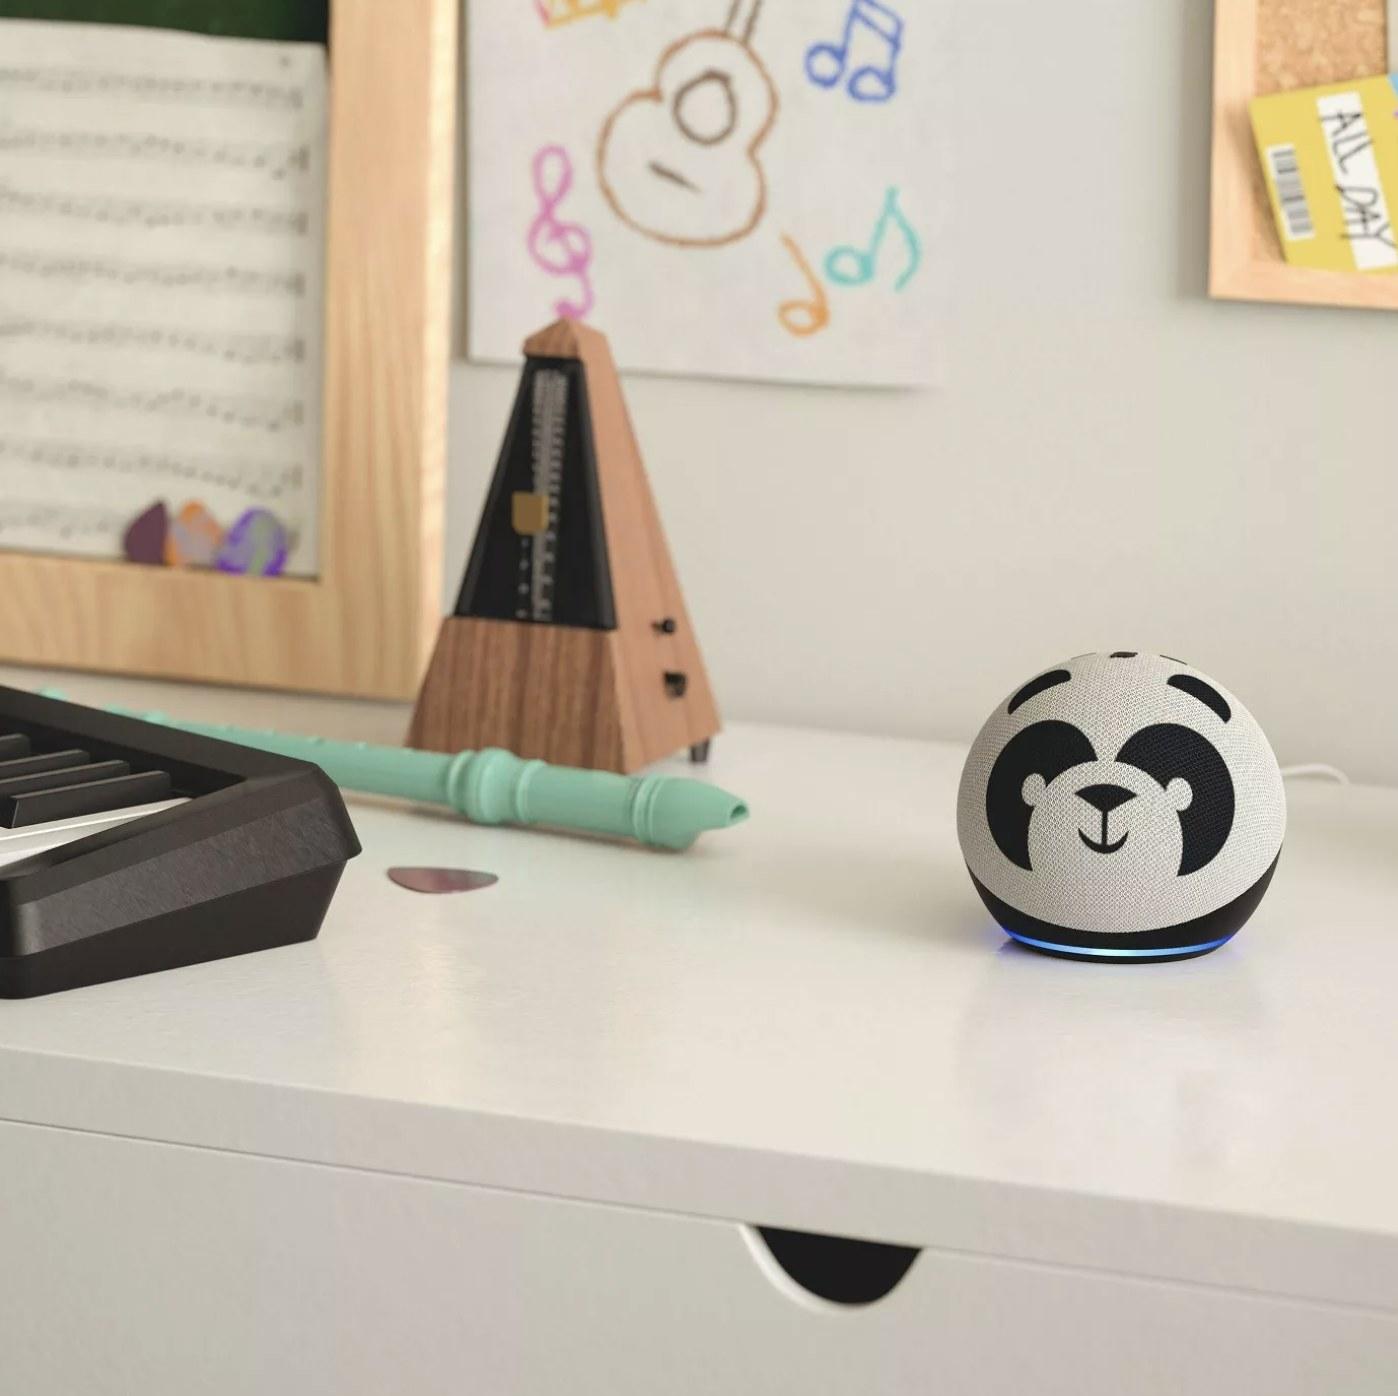 The panda Amazon Echo